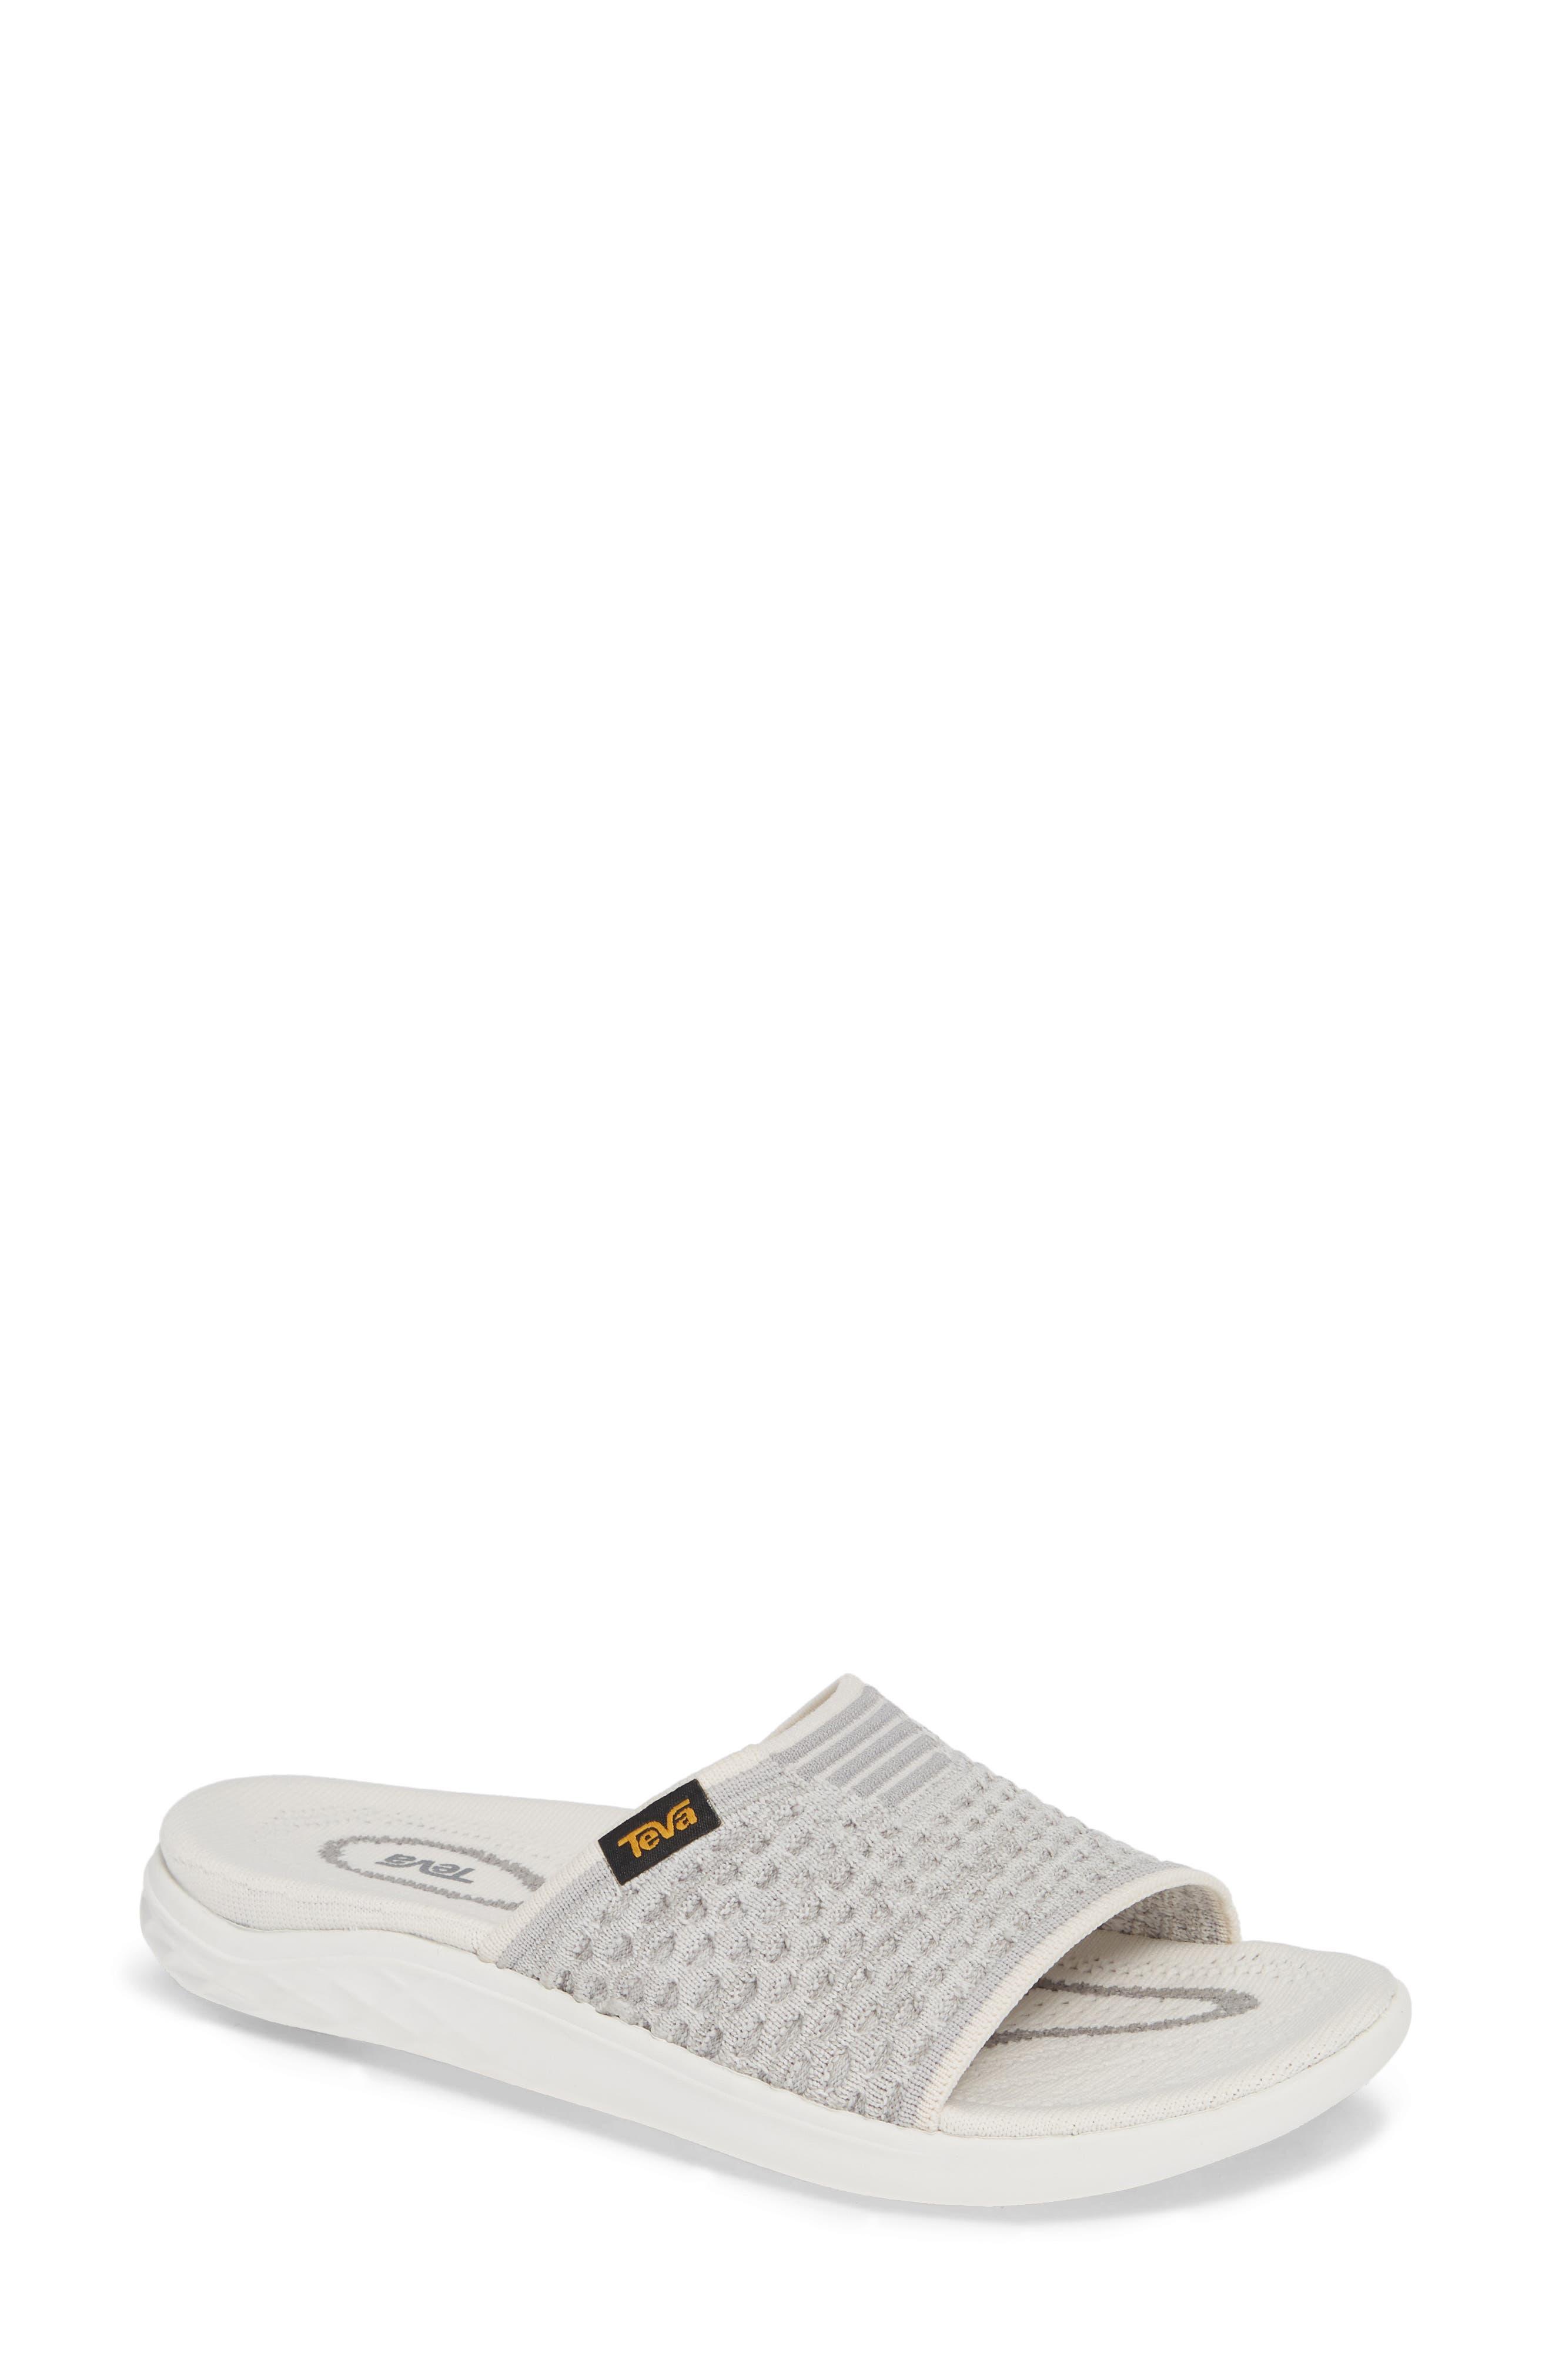 Terra Float 2 Knit Slide Sandal,                             Main thumbnail 1, color,                             BRIGHT WHITE FABRIC